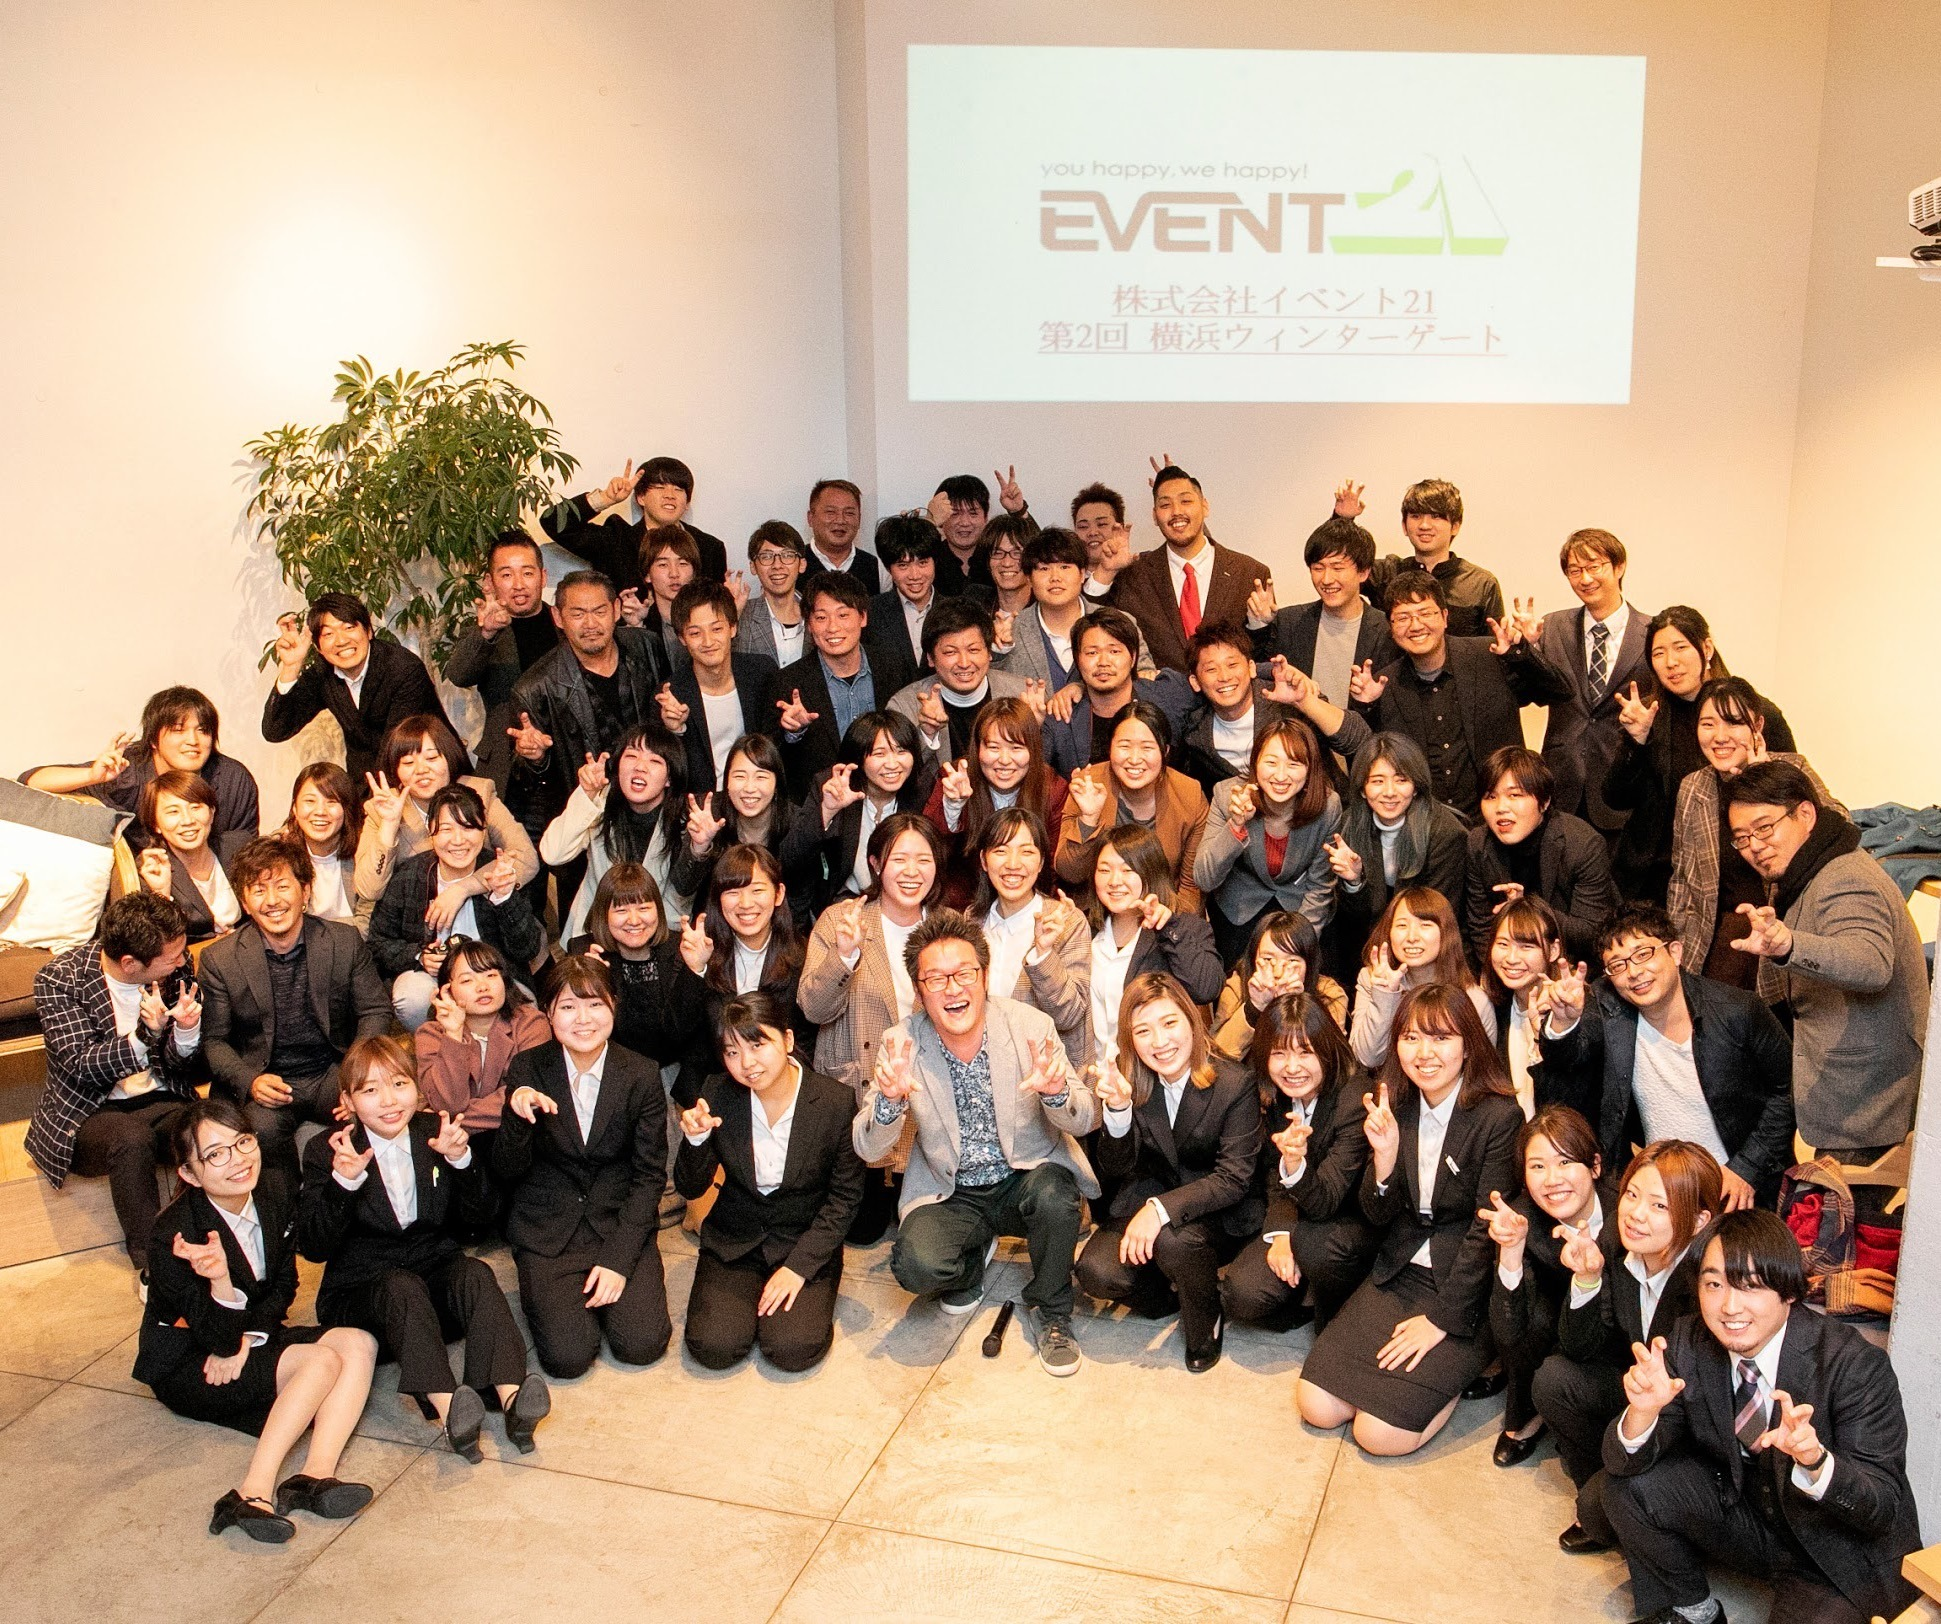 株式会社イベント210